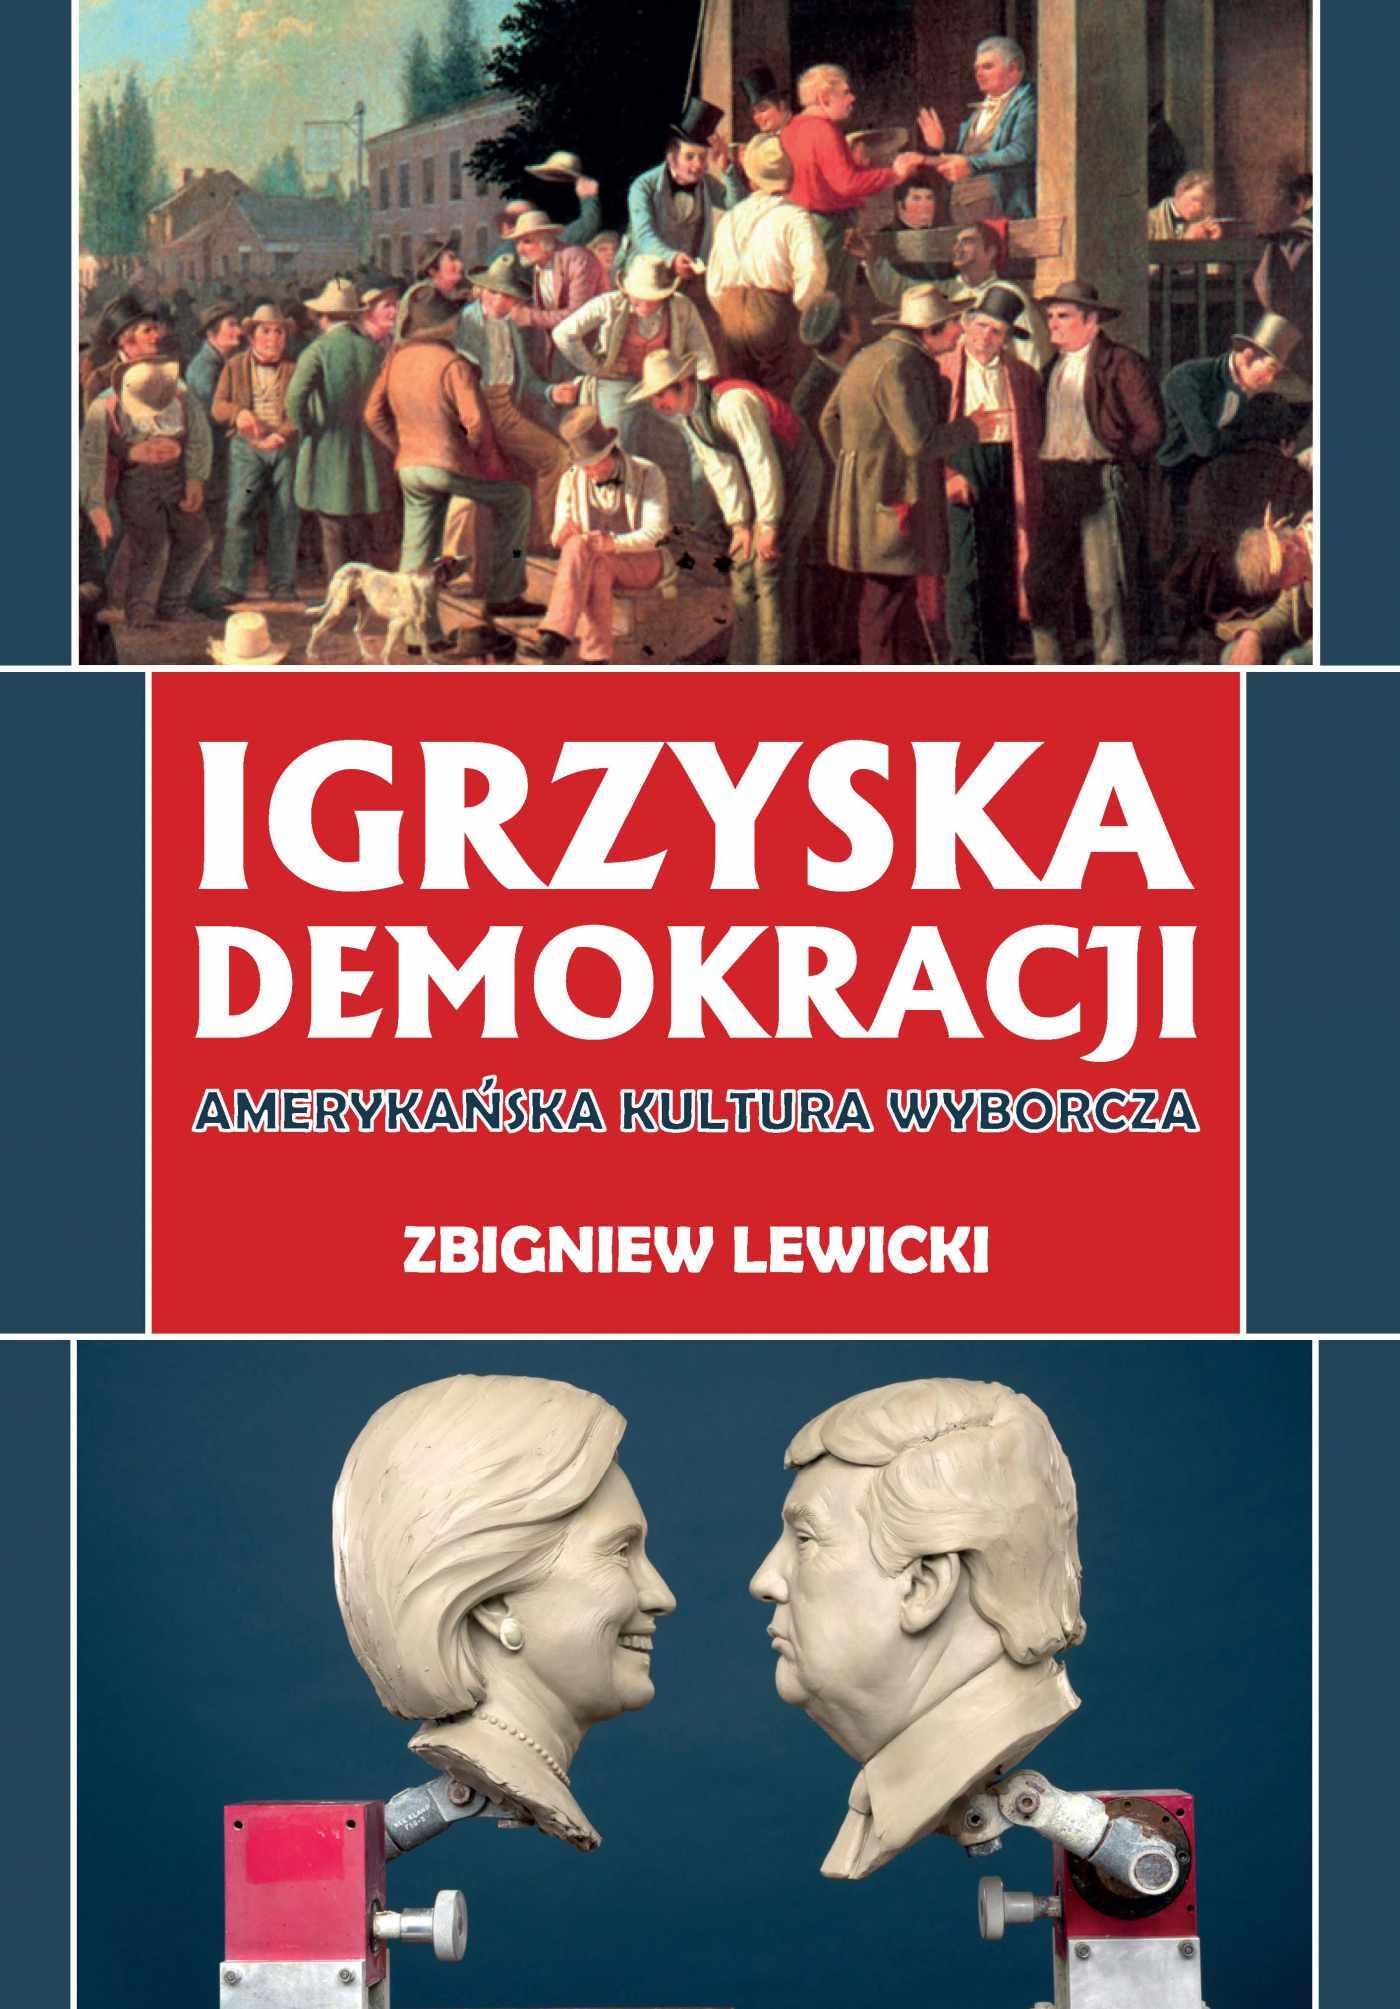 Igrzyska demokracji. Amerykańska kultura wyborcza - Ebook (Książka PDF) do pobrania w formacie PDF